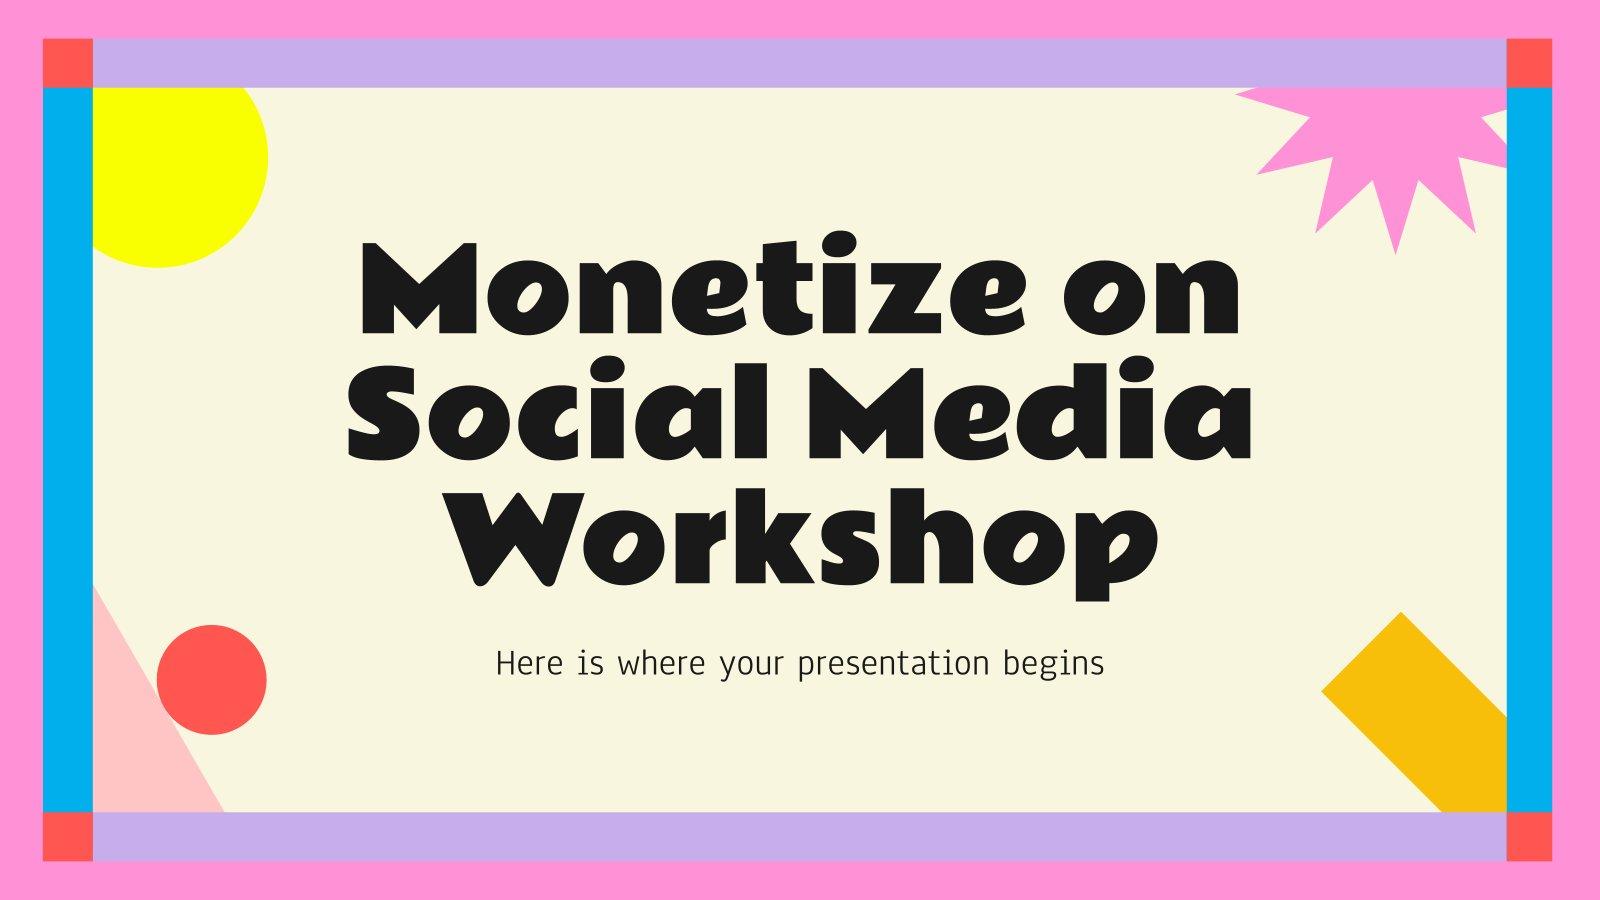 Monetize on Social Media Workshop presentation template